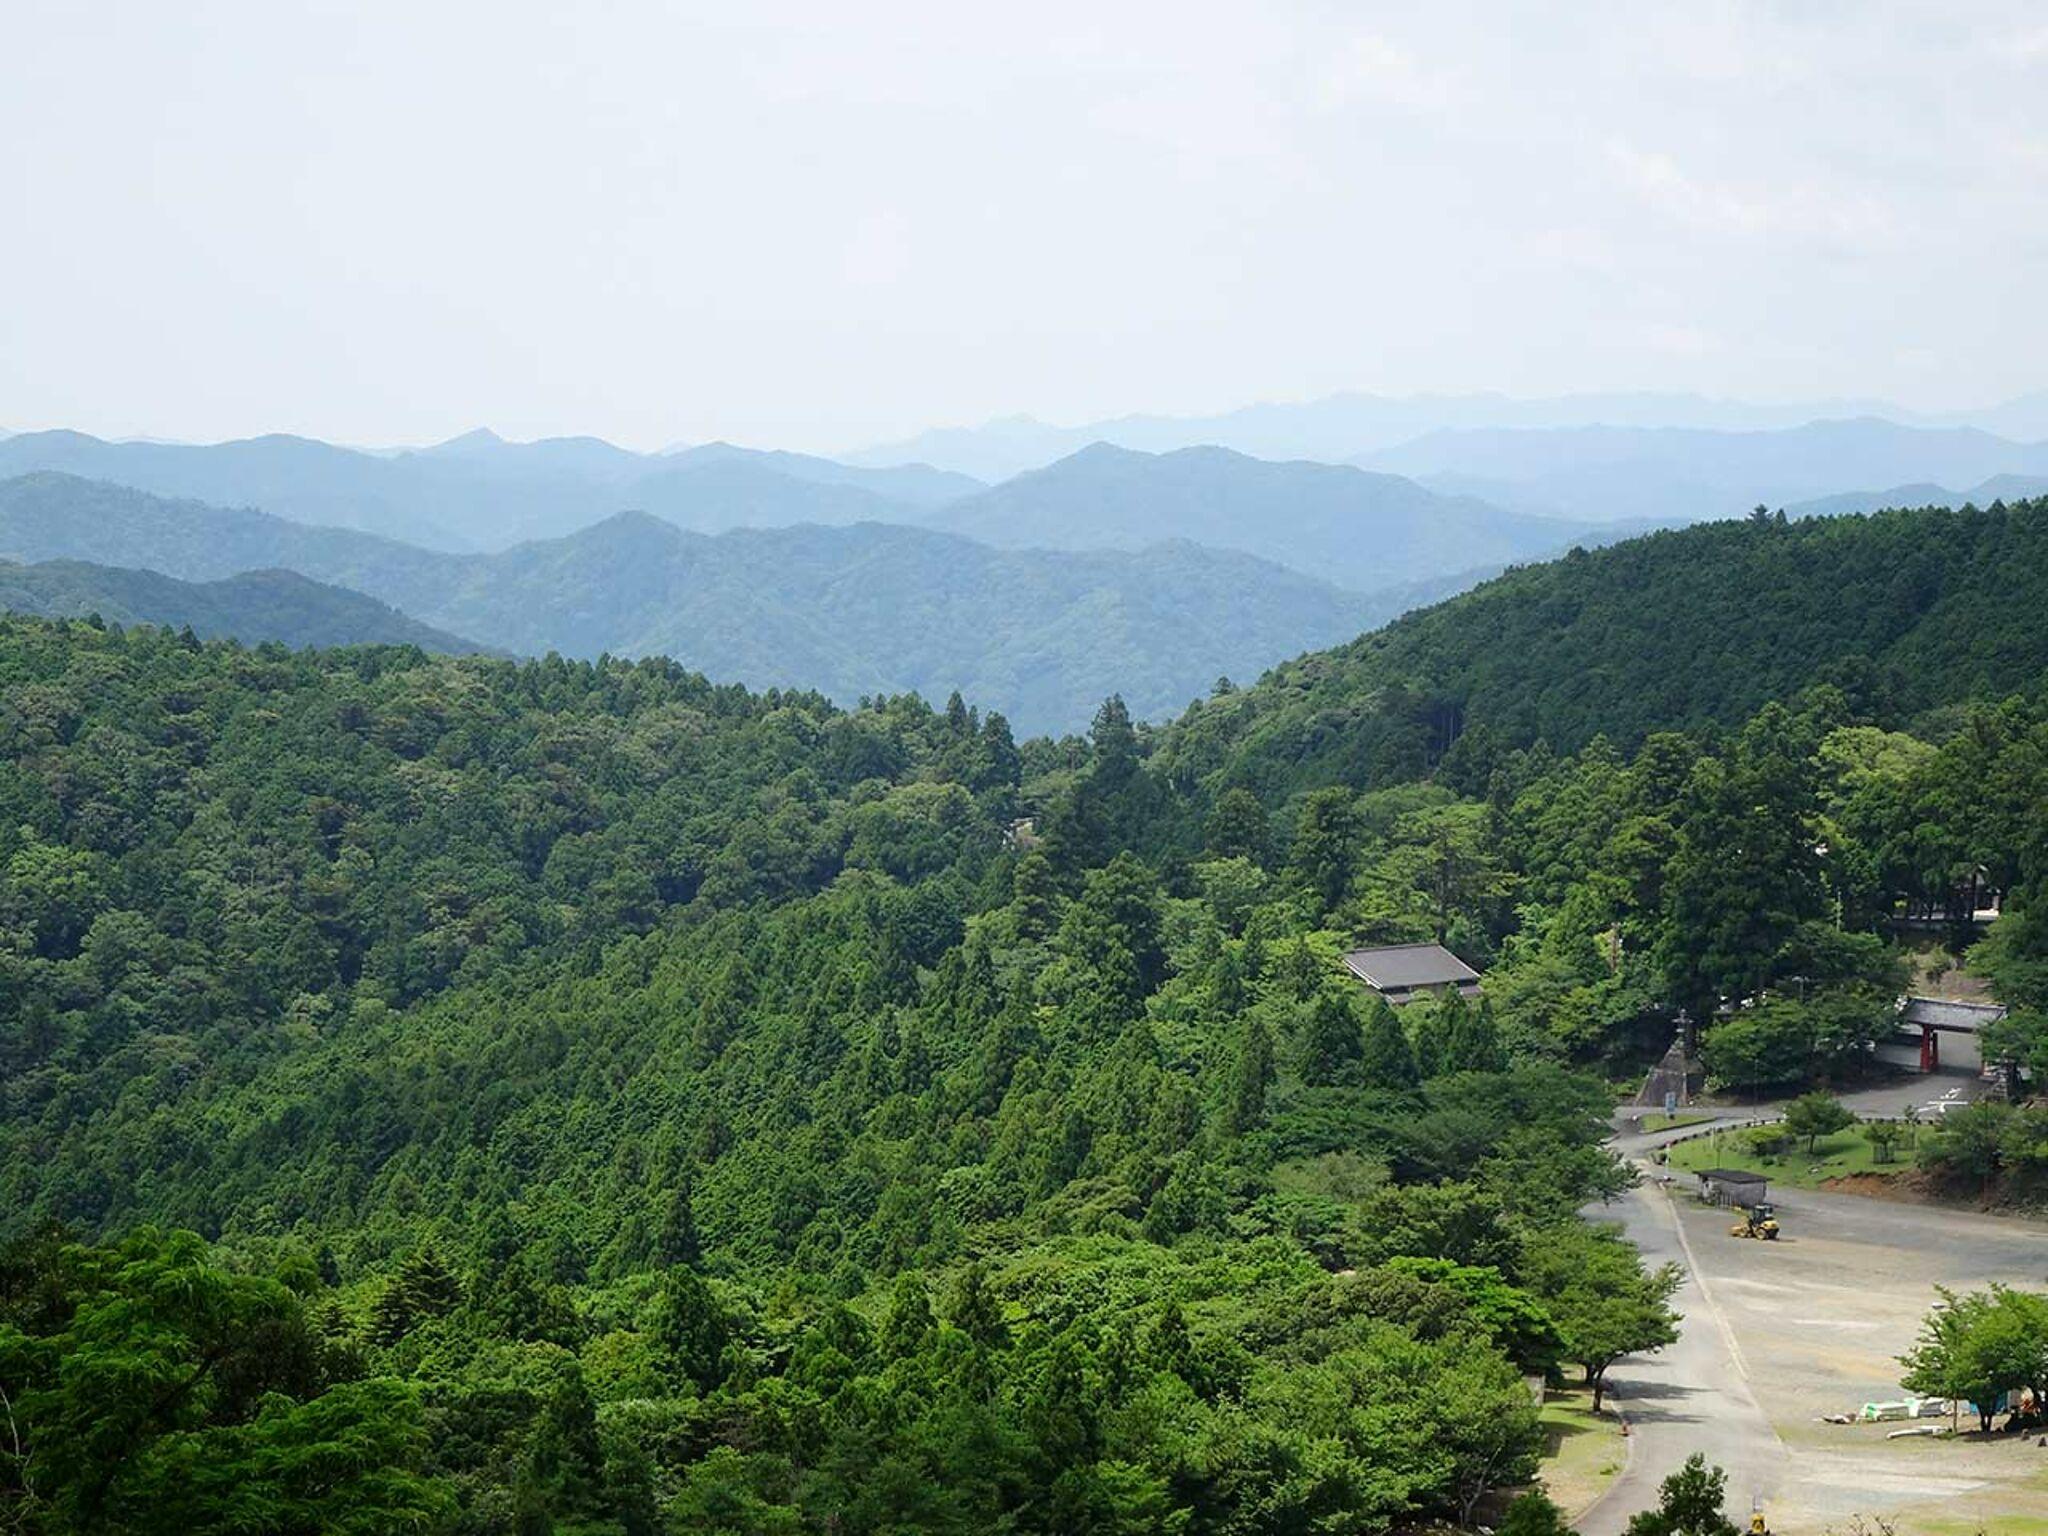 朝熊山から見た神宮宮域林の画像